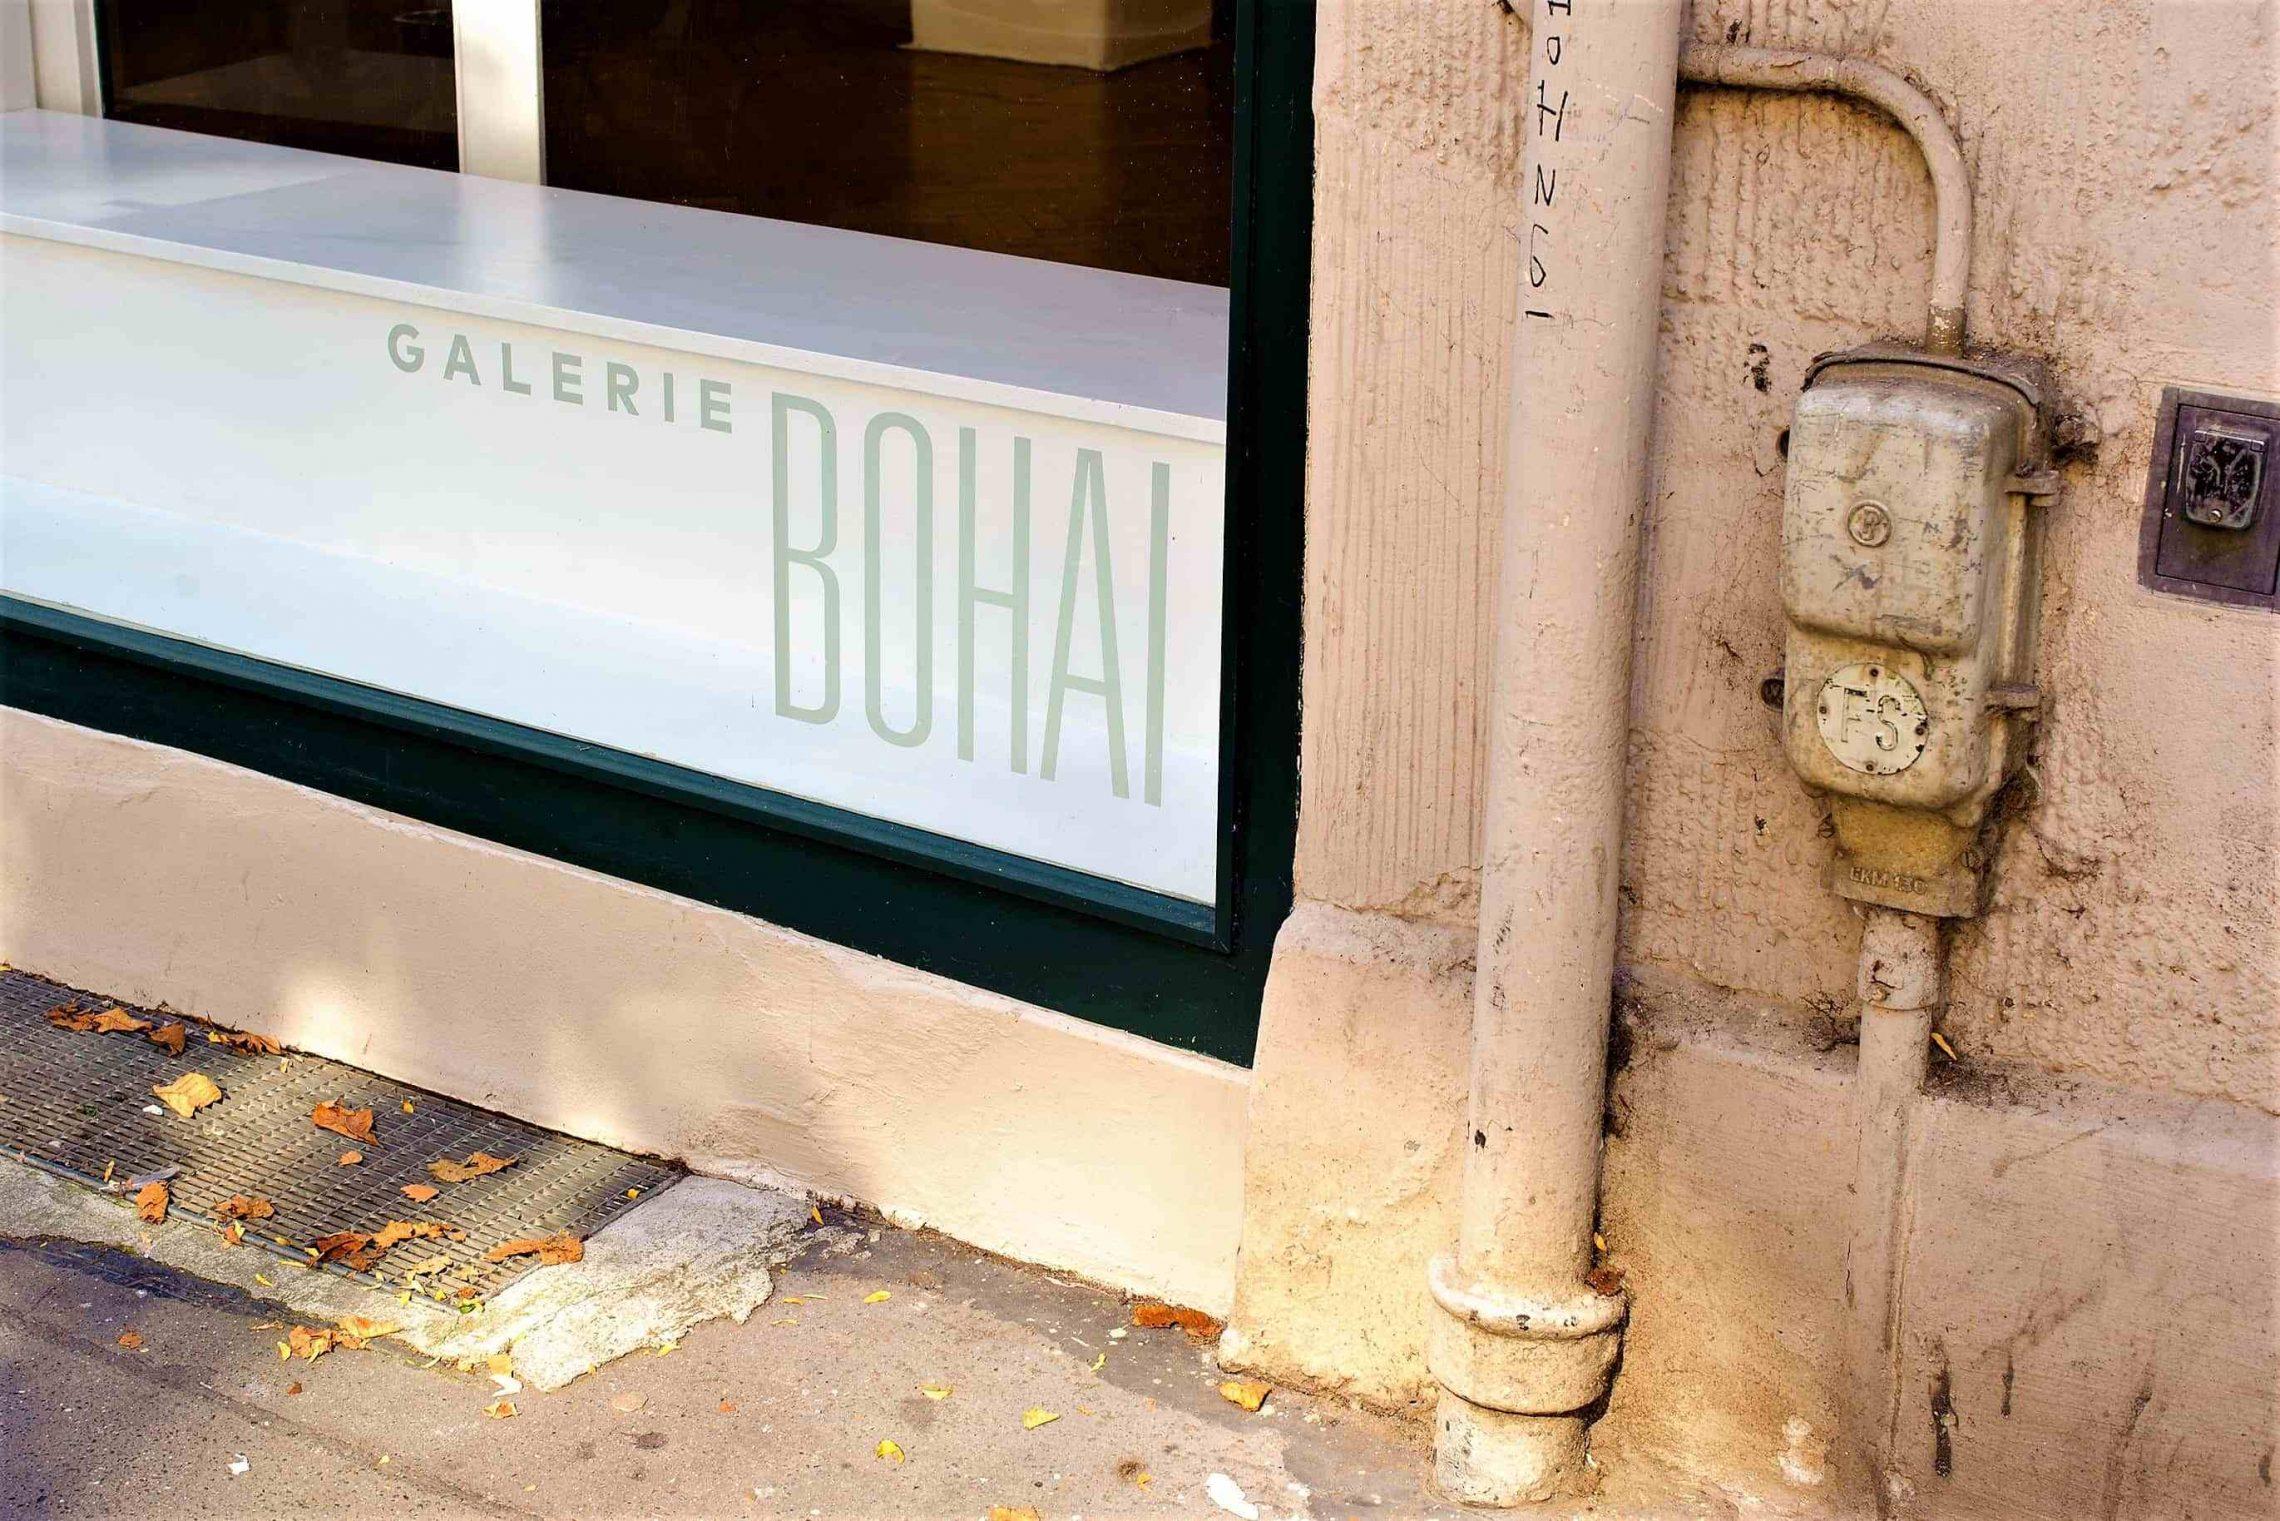 Style Hannover Galerie Bohai - Galerie BOHAI